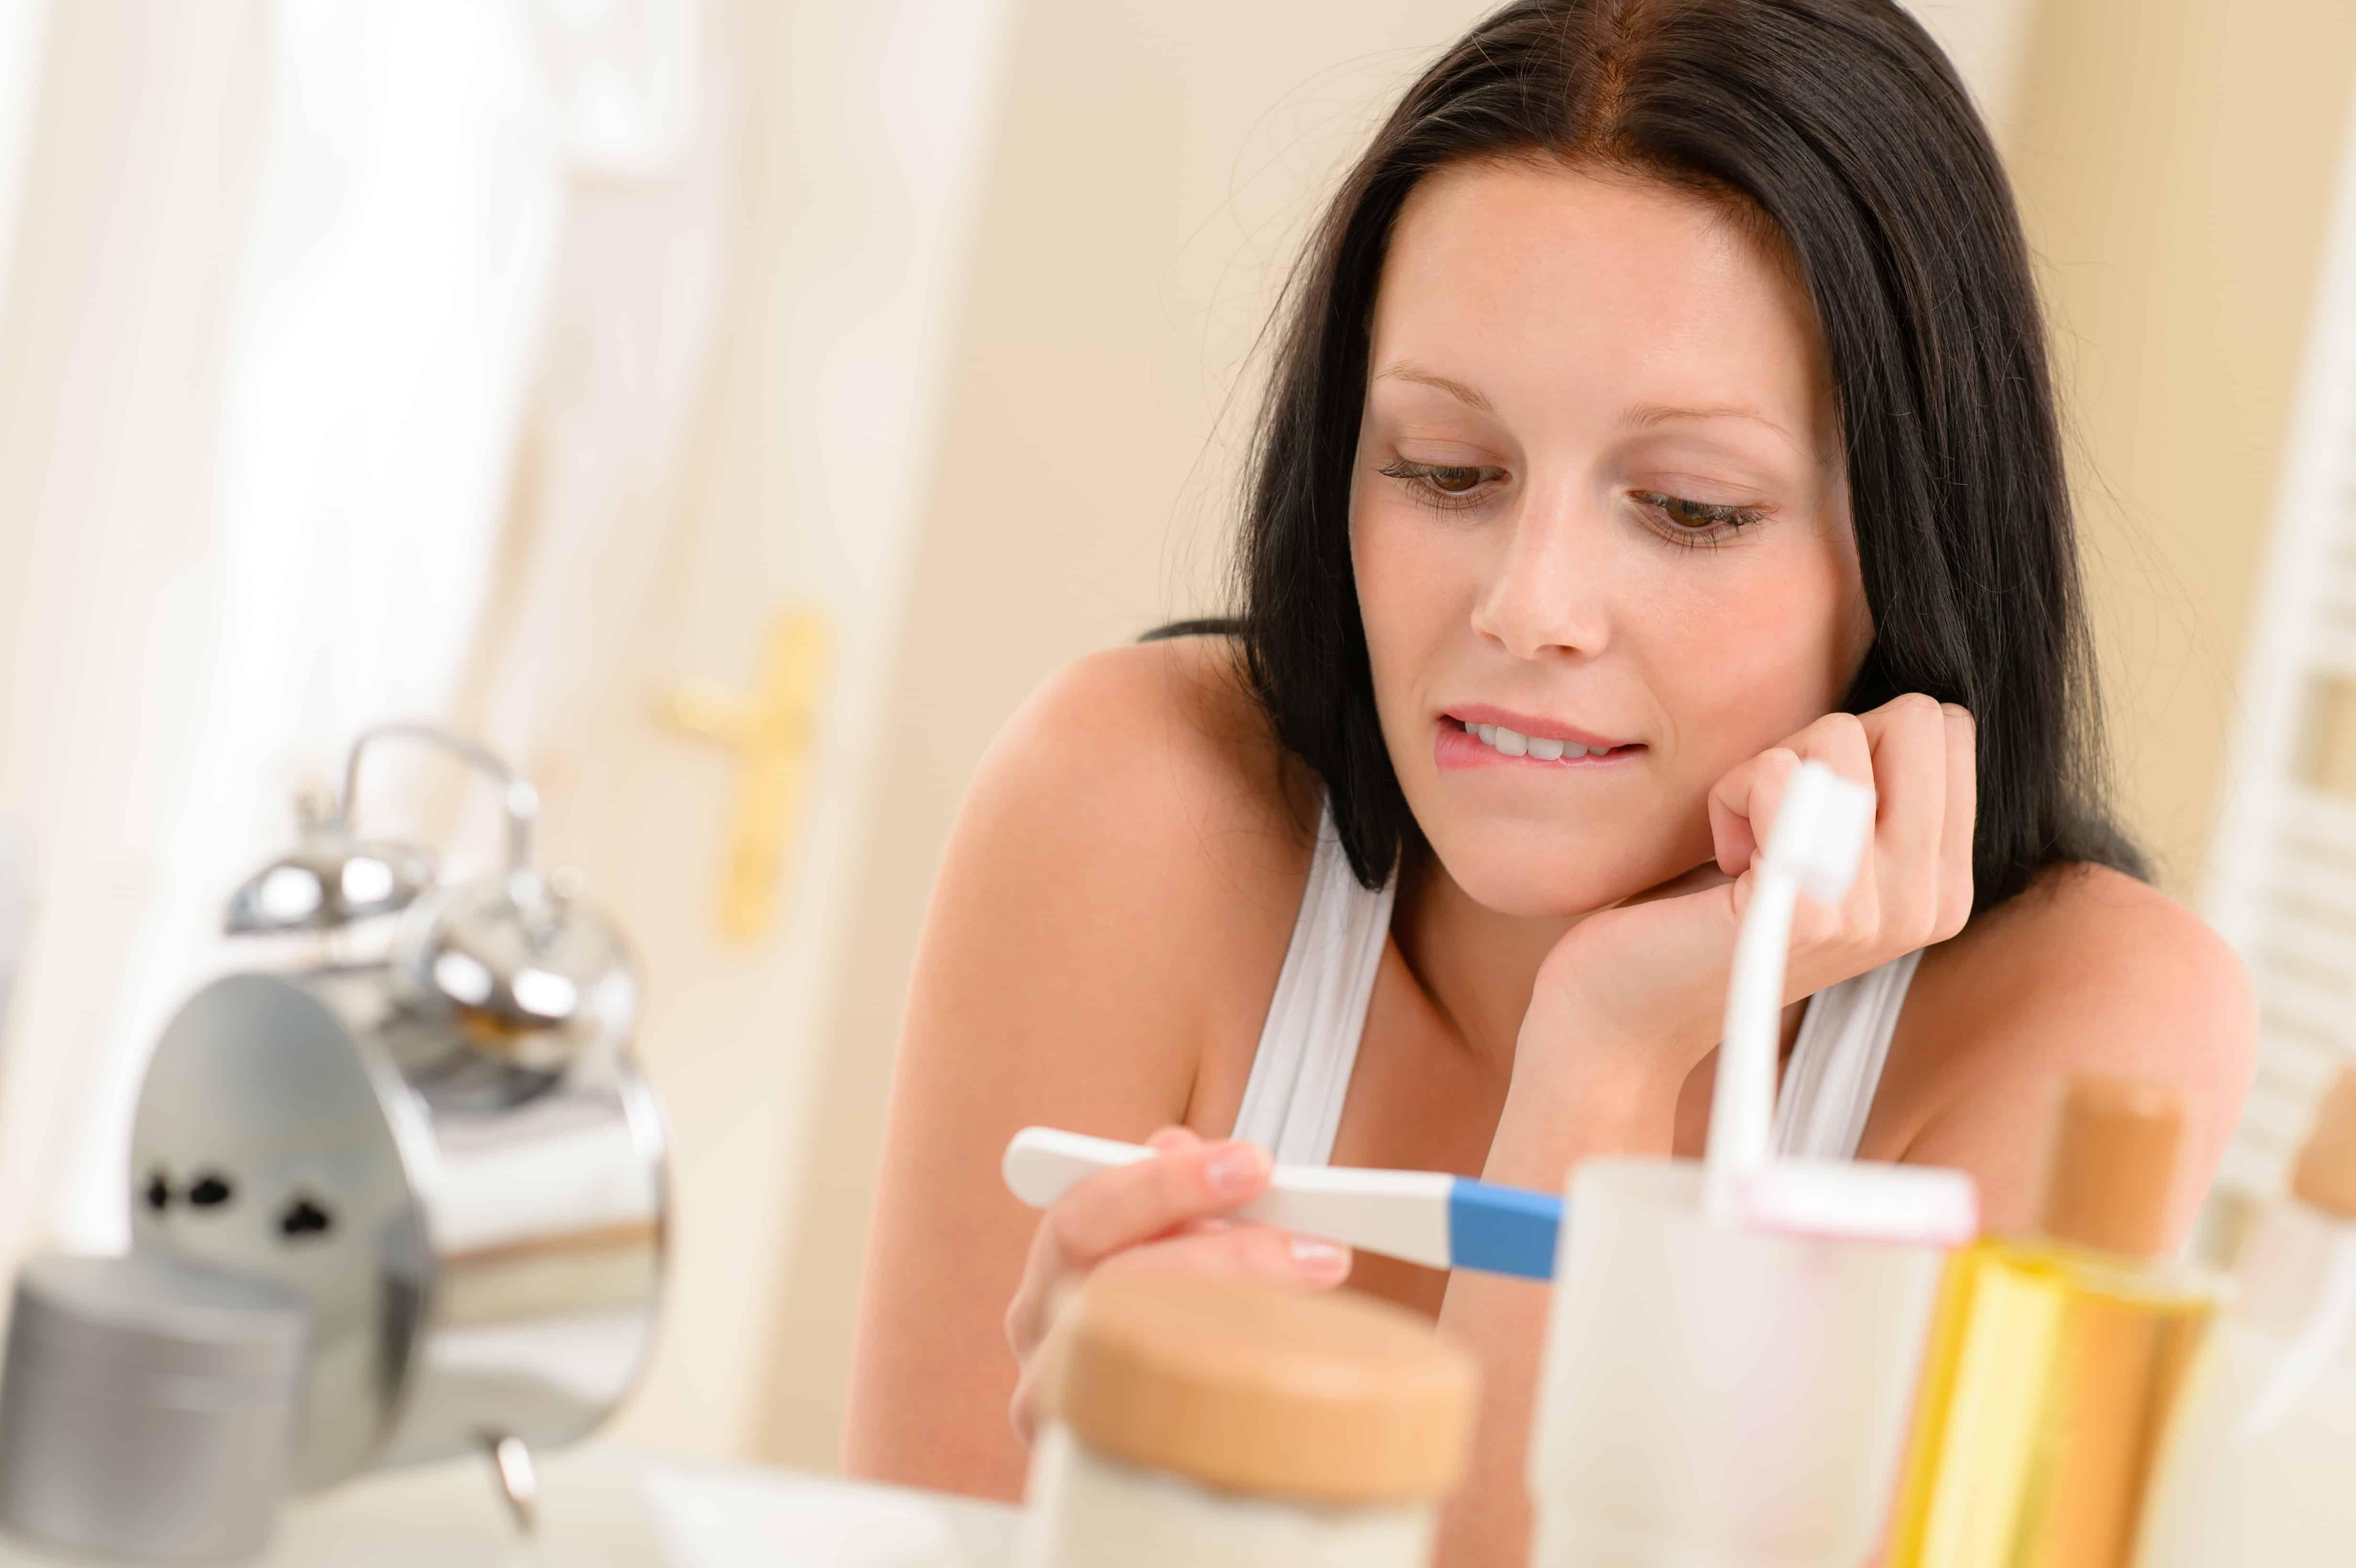 Phương pháp chữa vô sinh cho nữ giới bị suy buồng trứng 6